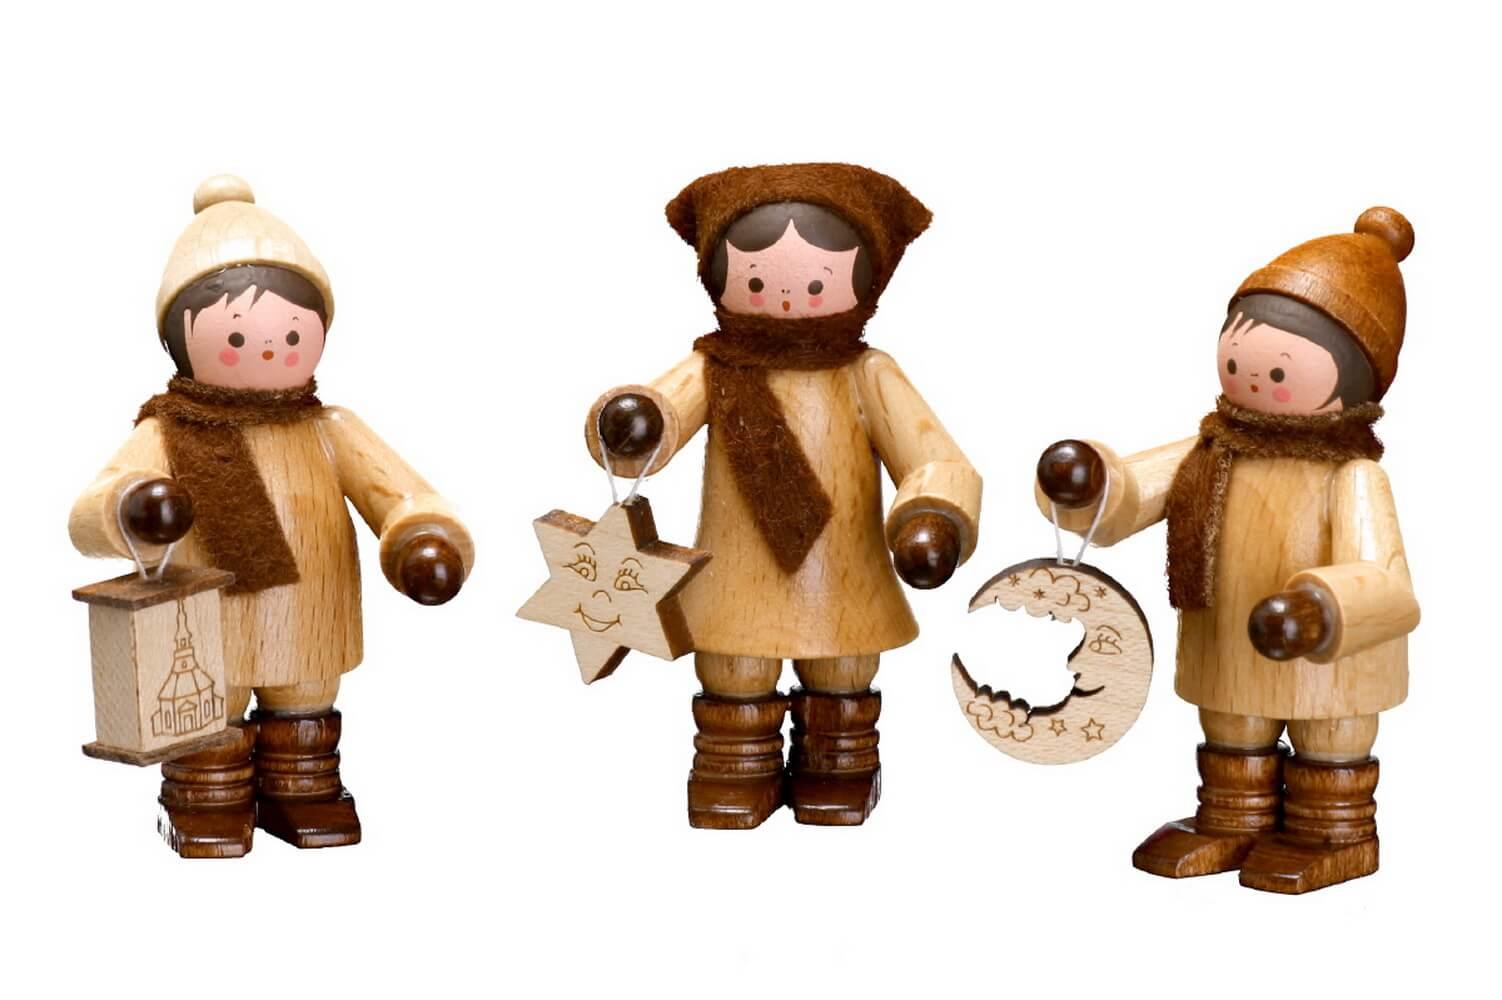 Die Lampionkinder, mini, 3-teilig in natur von Romy Thiel Deutschneudorf/ Erzgebirge, gehen zurück auf eine langjährige wunderschöne Tradition. Der Laternen - …